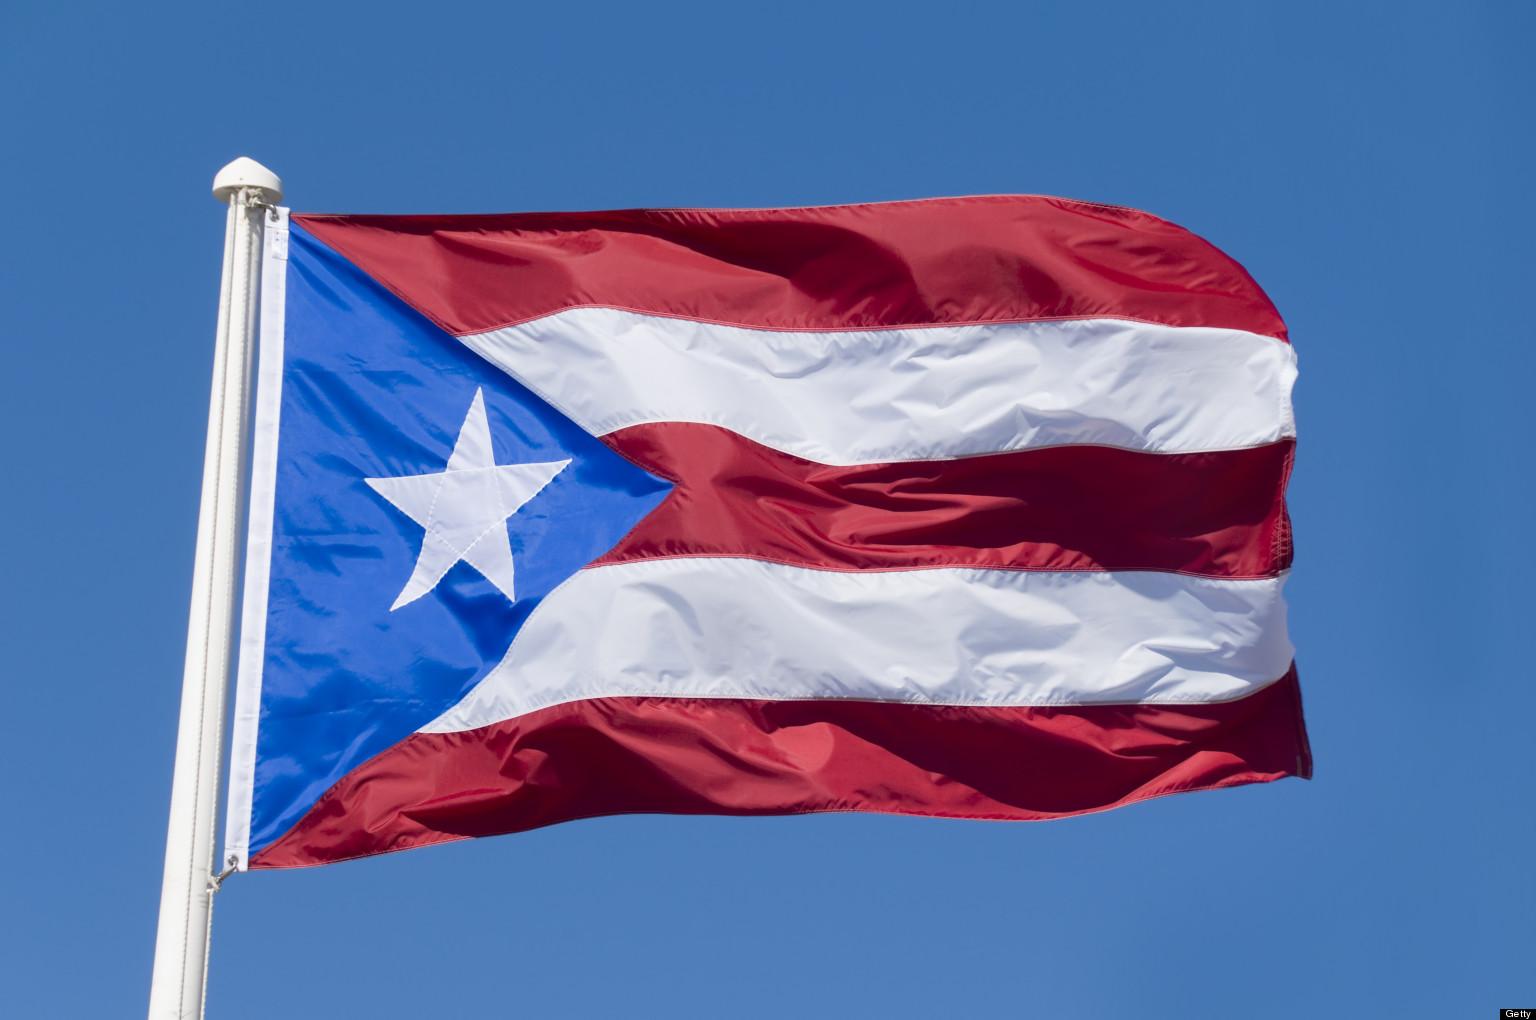 Puerto rico flag wallpaper wallpapersafari puerto rican flag wallpaper wallpapersafari buycottarizona